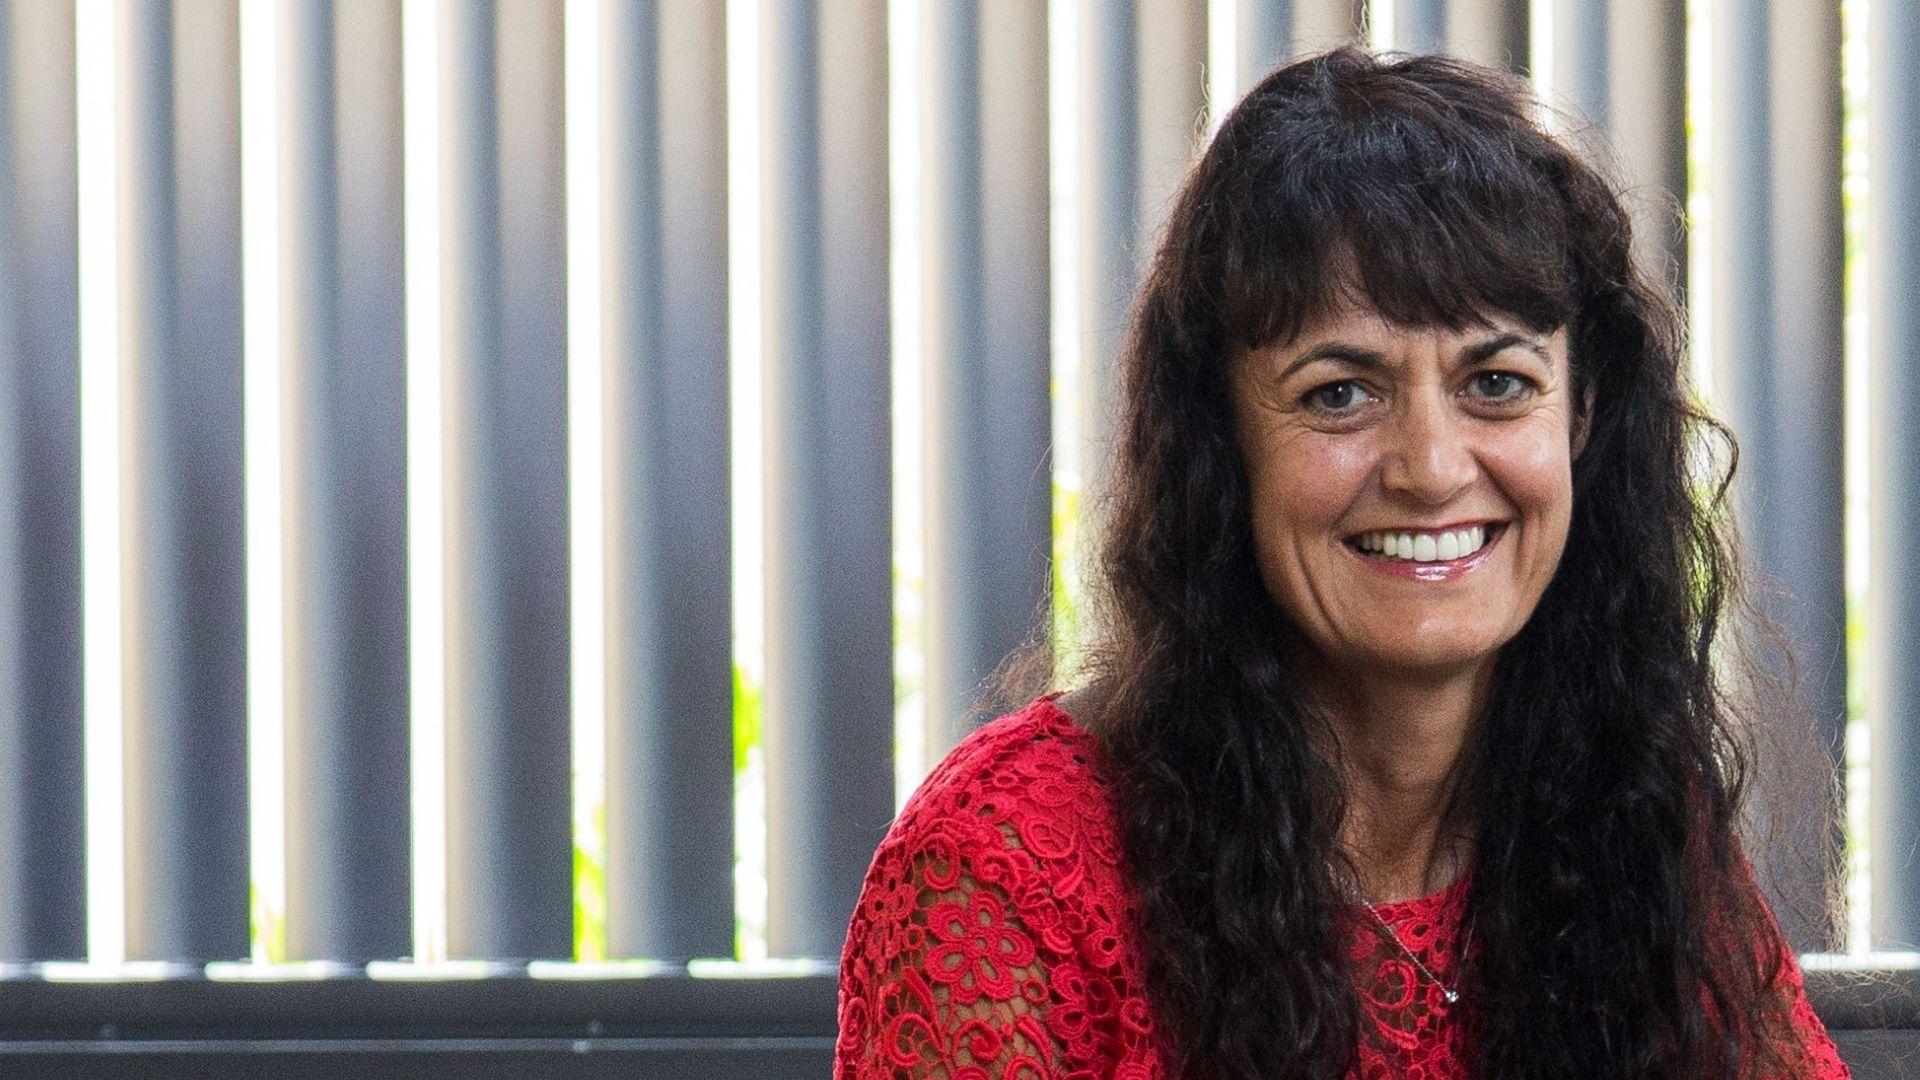 Jodie Tipping coaching